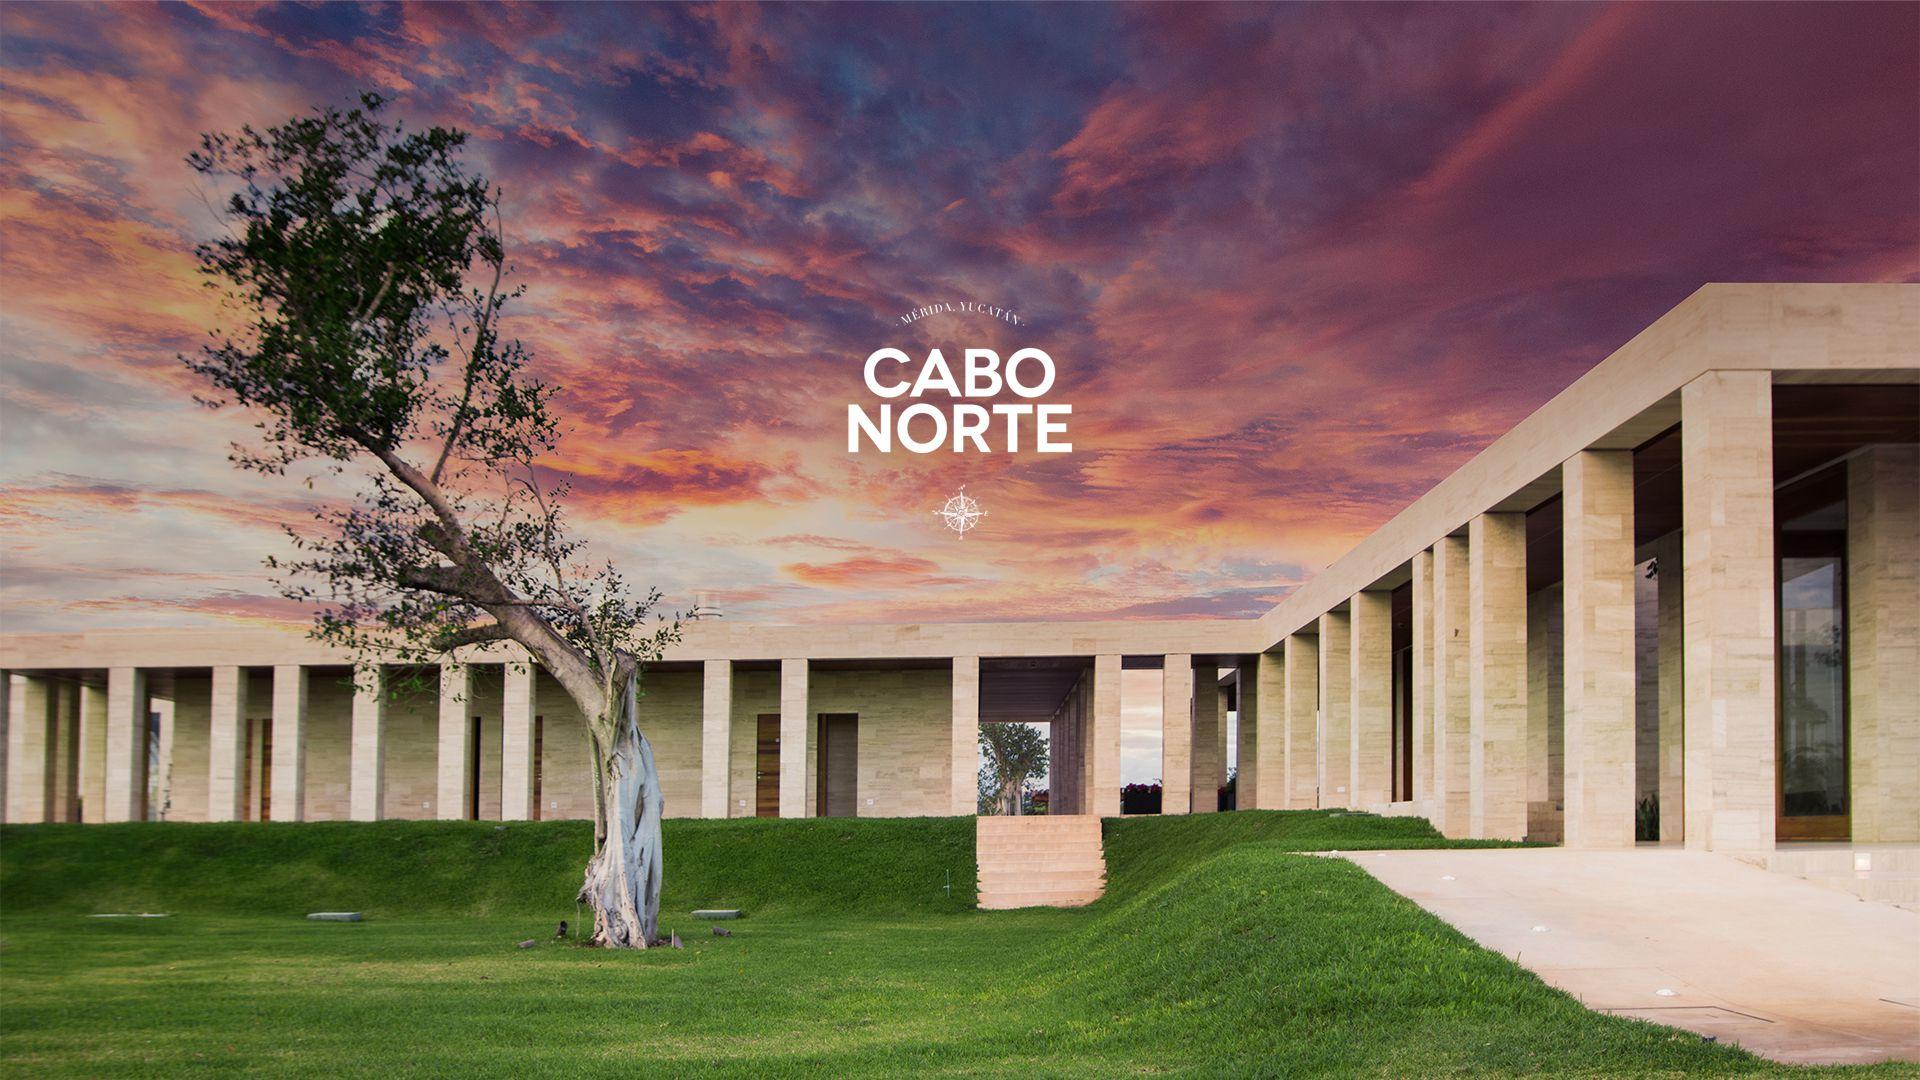 Cabo-norte-club